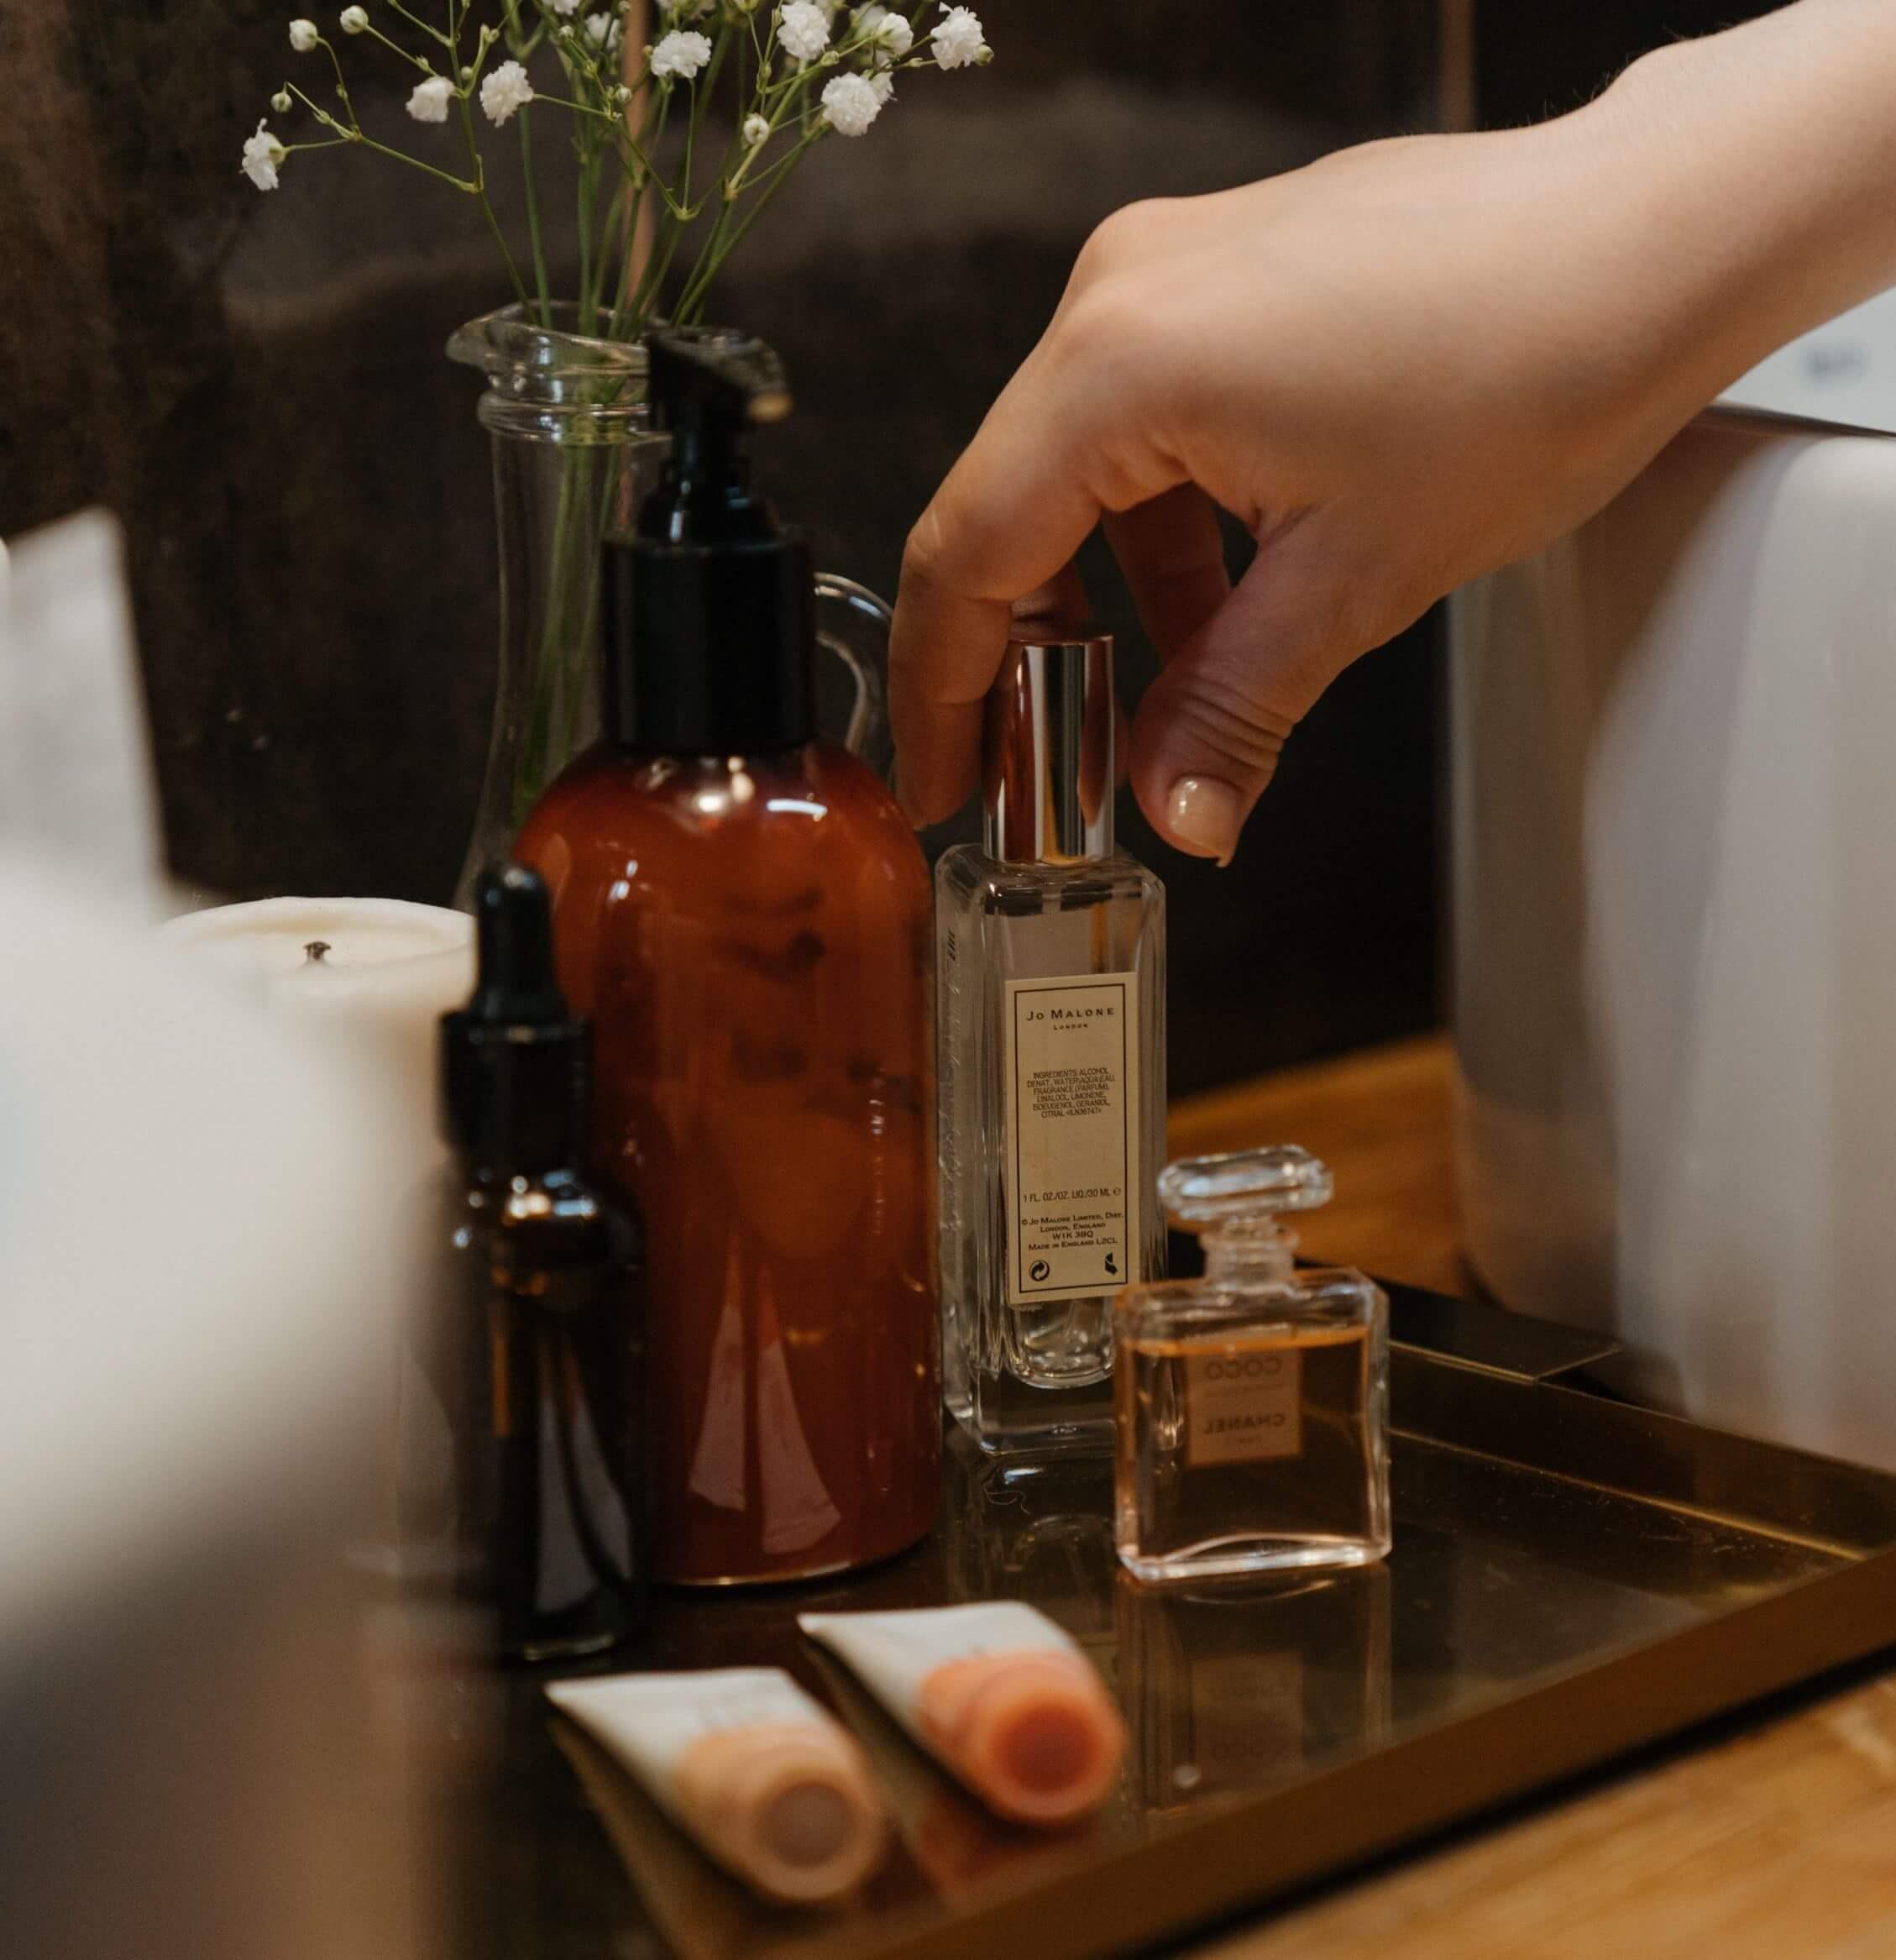 Спрей за тяло и парфюм от Ариана Гранде